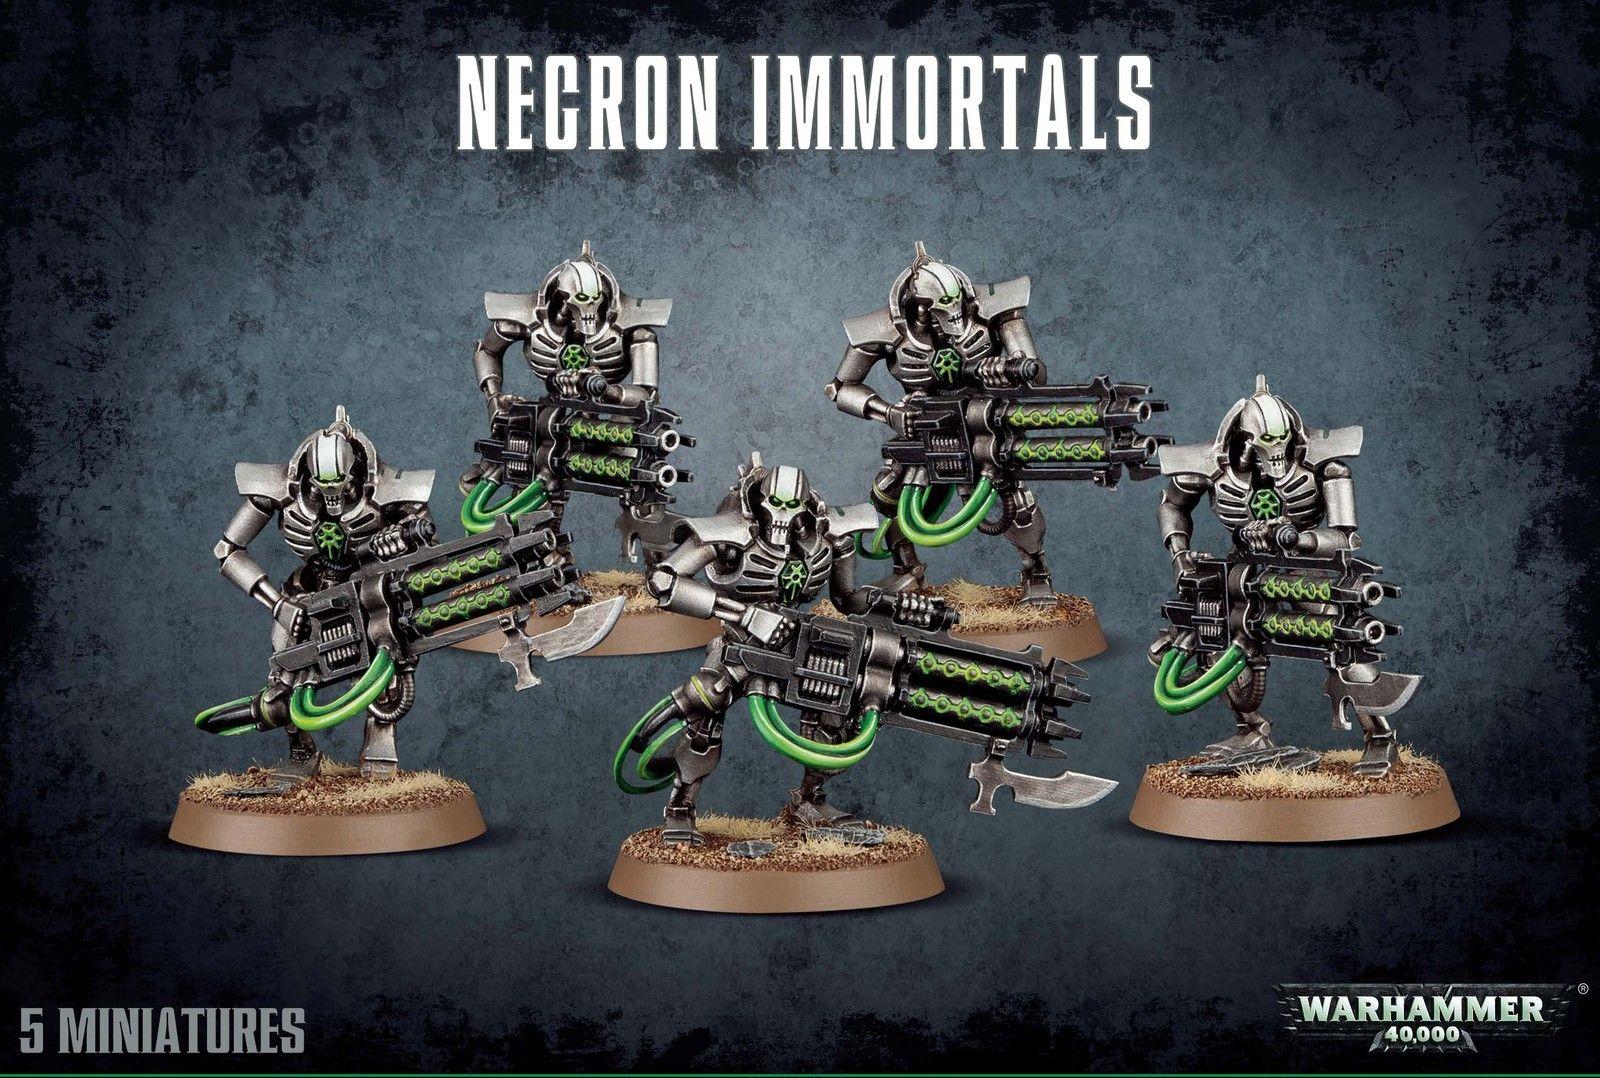 Warhammer Necron Immortals-Deathmarks